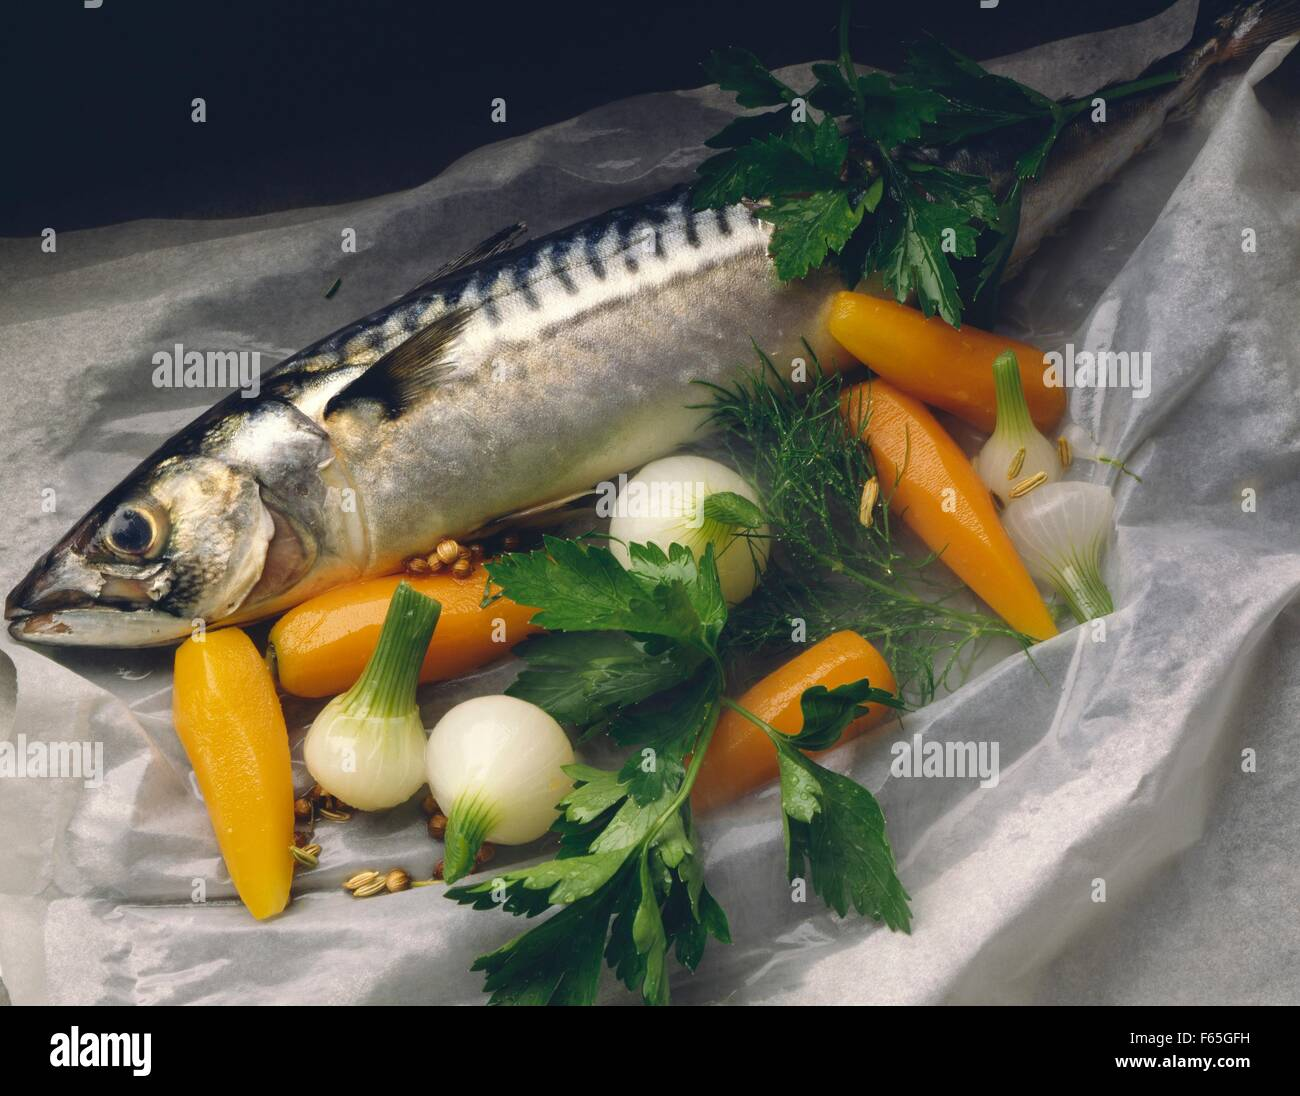 Le maquereau avec des légumes Banque D'Images